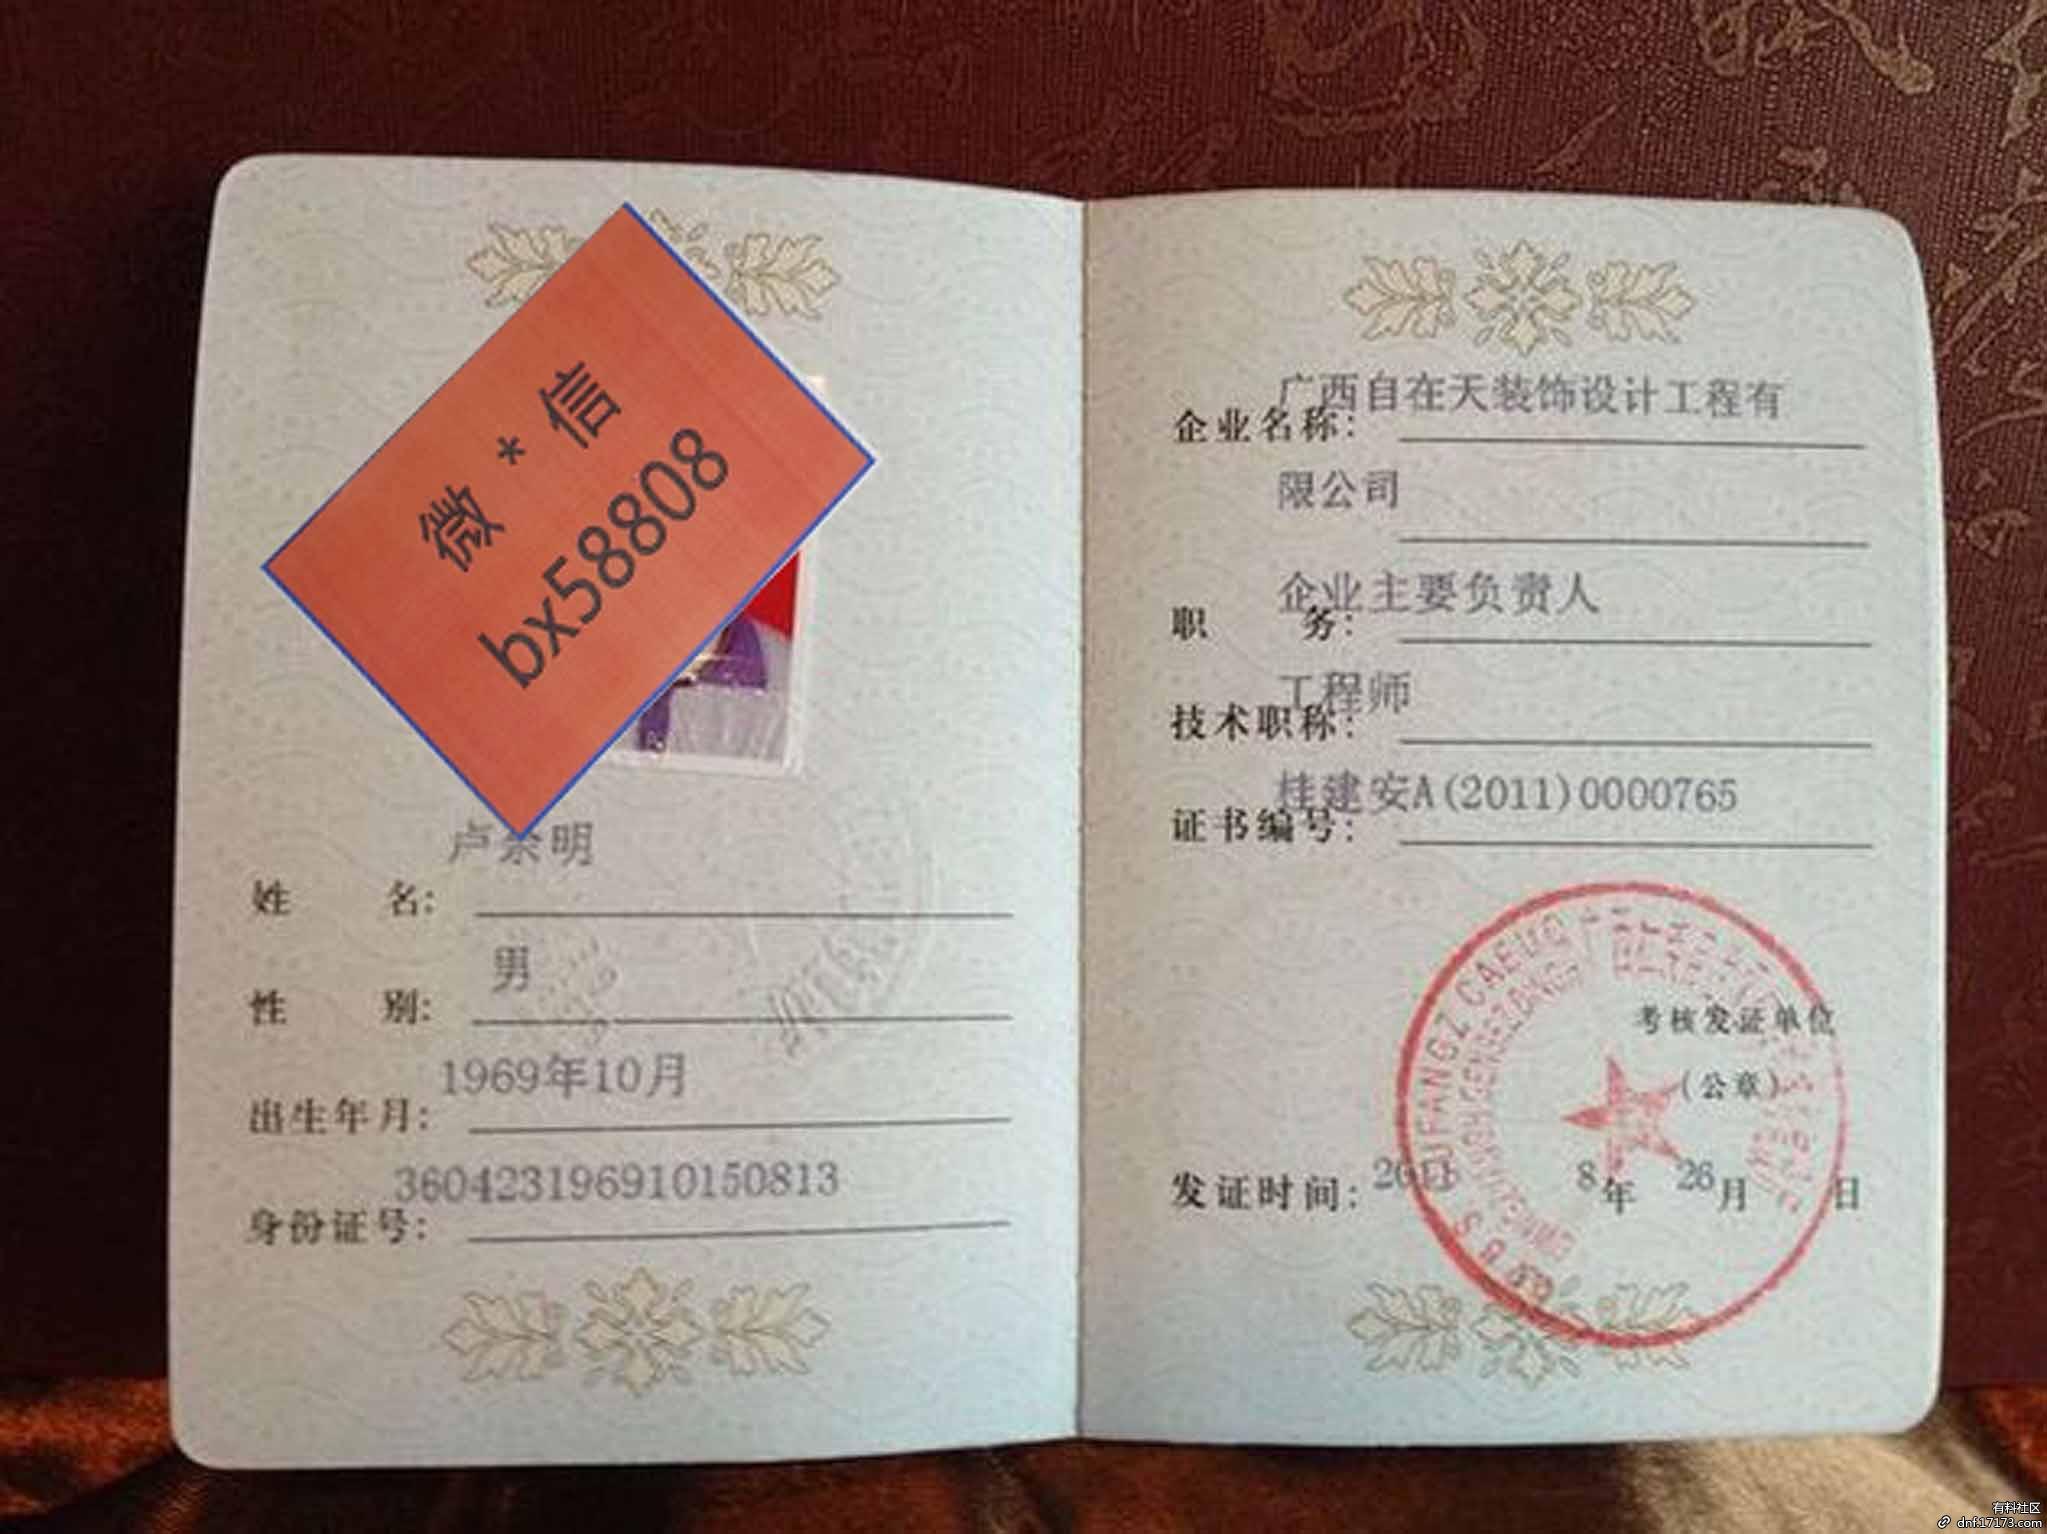 北京成人教育_山西省 四川省 陕西省 江西省 大专文凭 本科文凭 自考成人教育文凭